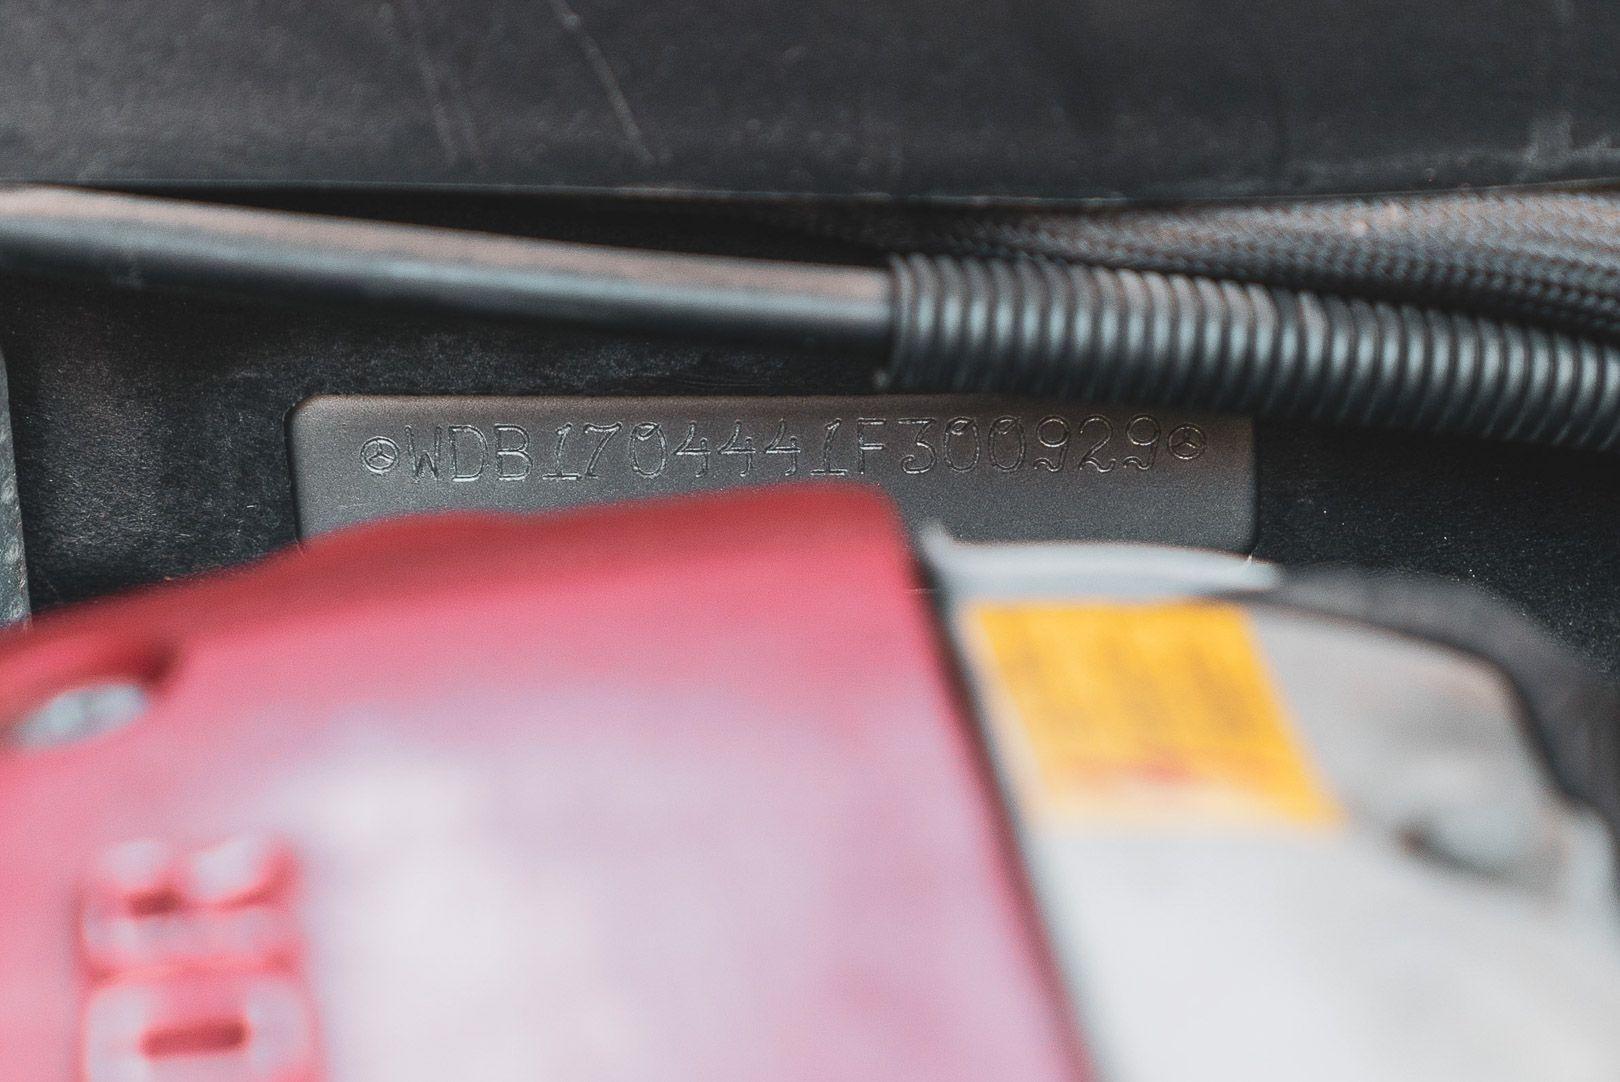 2004 Mercedes Benz 200 SLK Kompressor Special Edition 80785